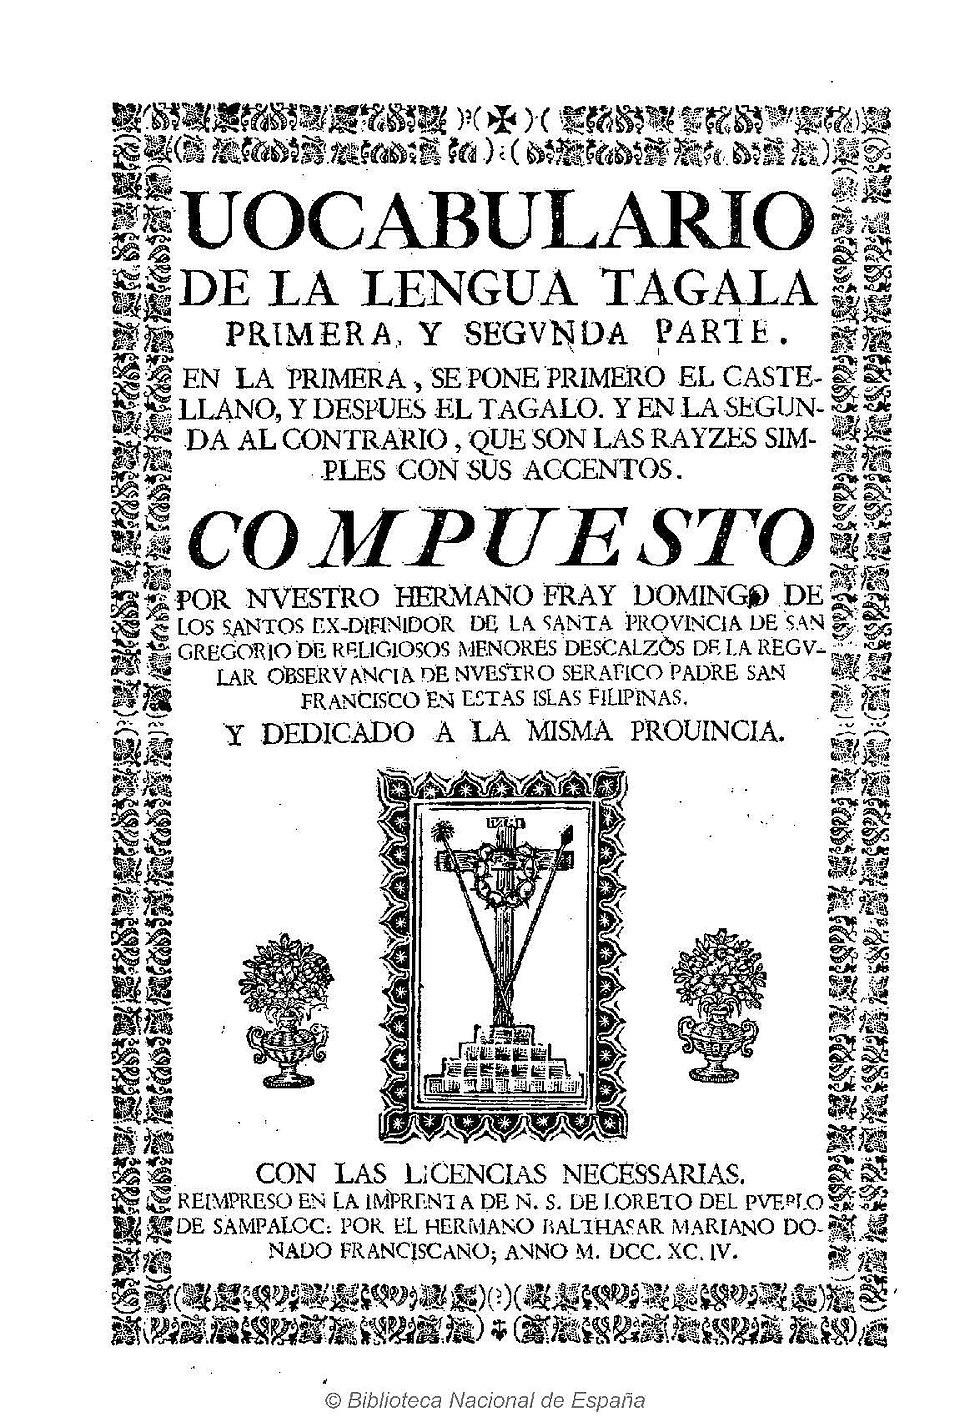 Vocabulario de la lengua tagala 1794